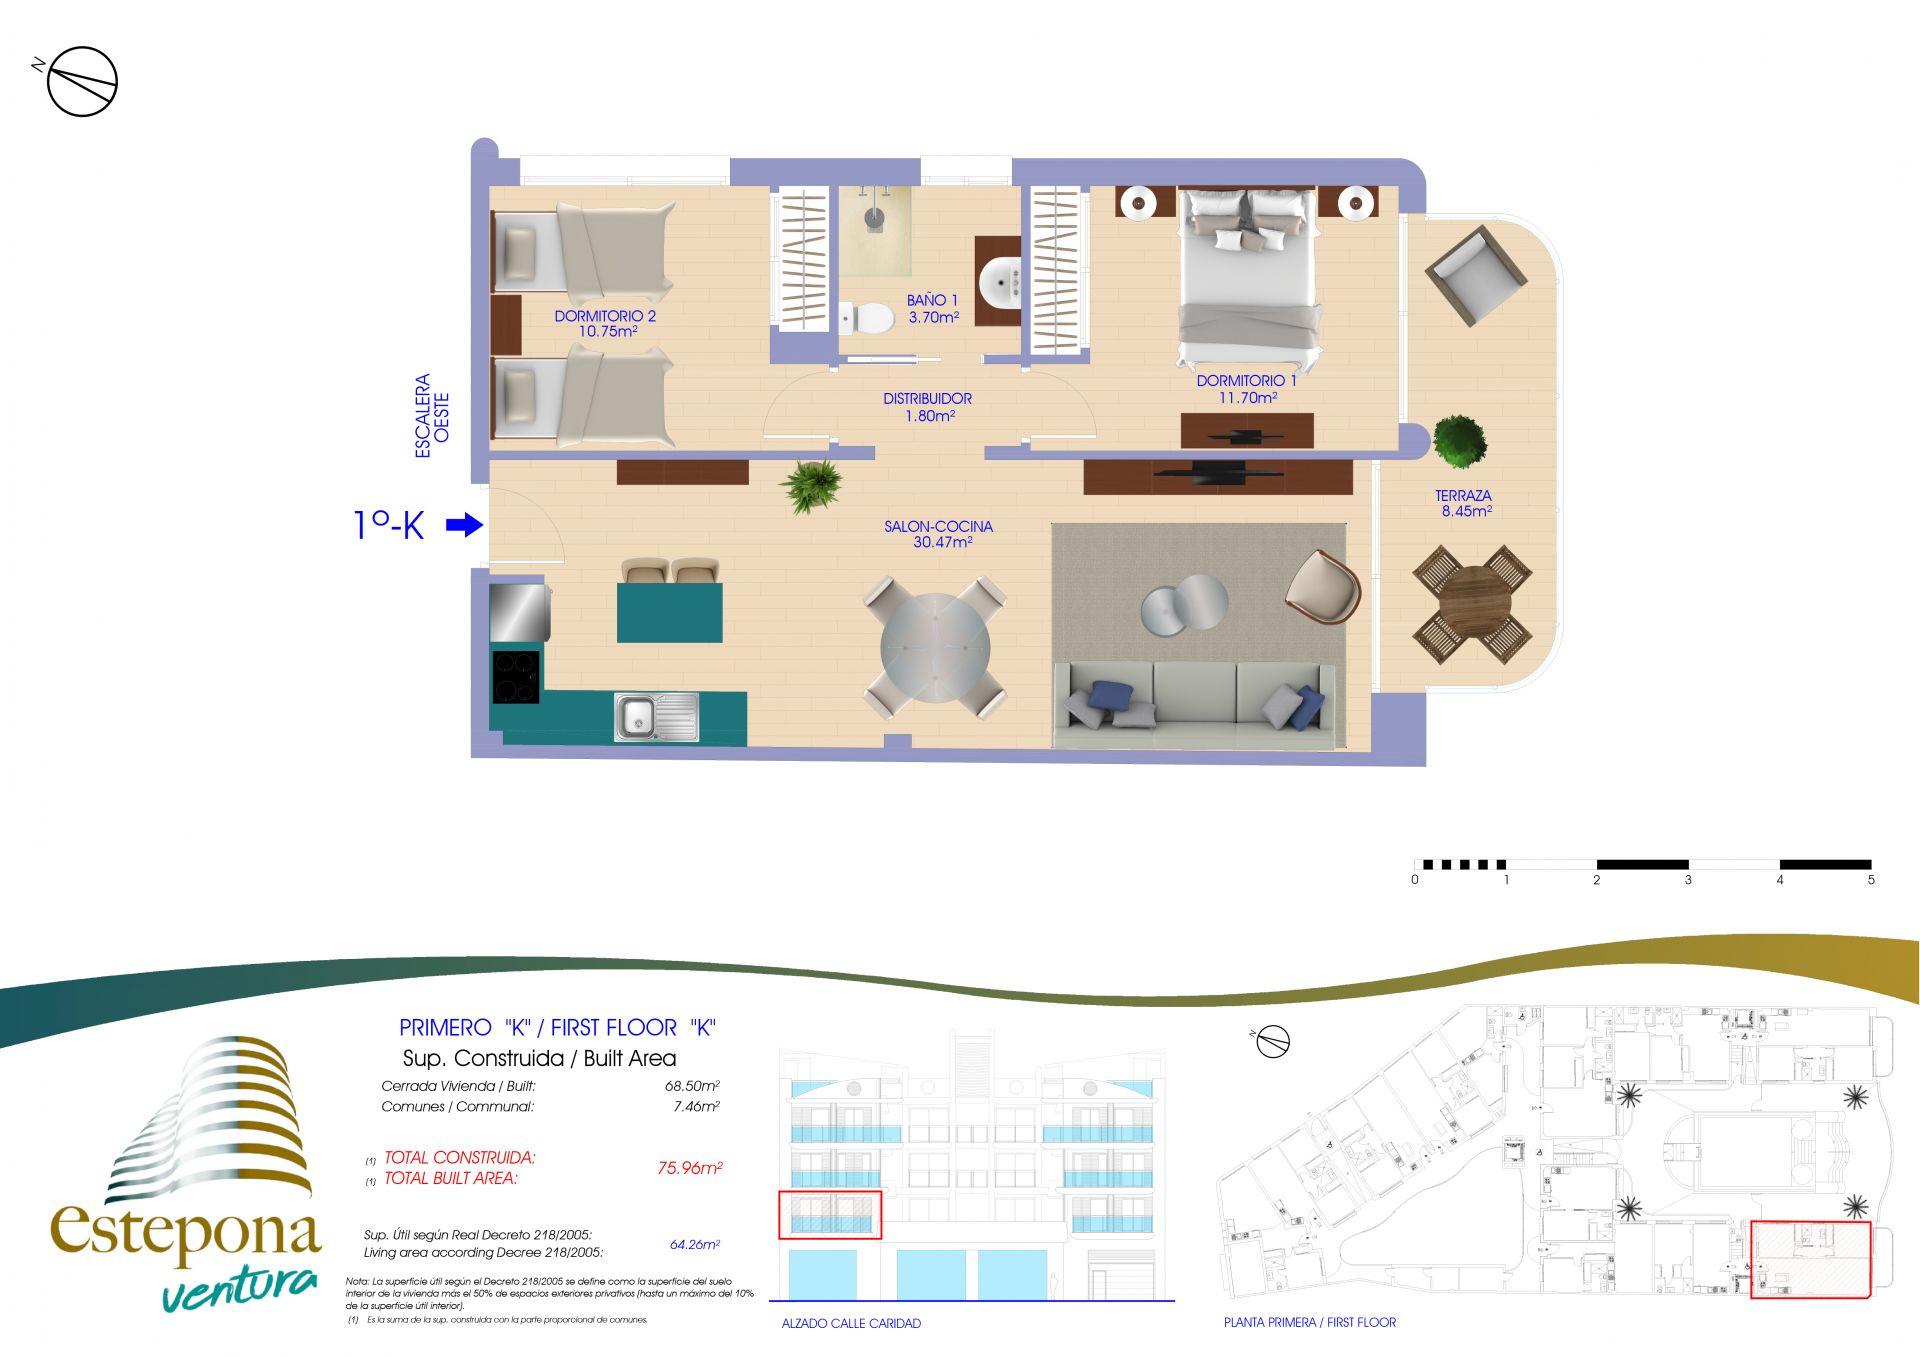 20201221 1º K  - Ventura Estepona | Compra de casa en Estepona